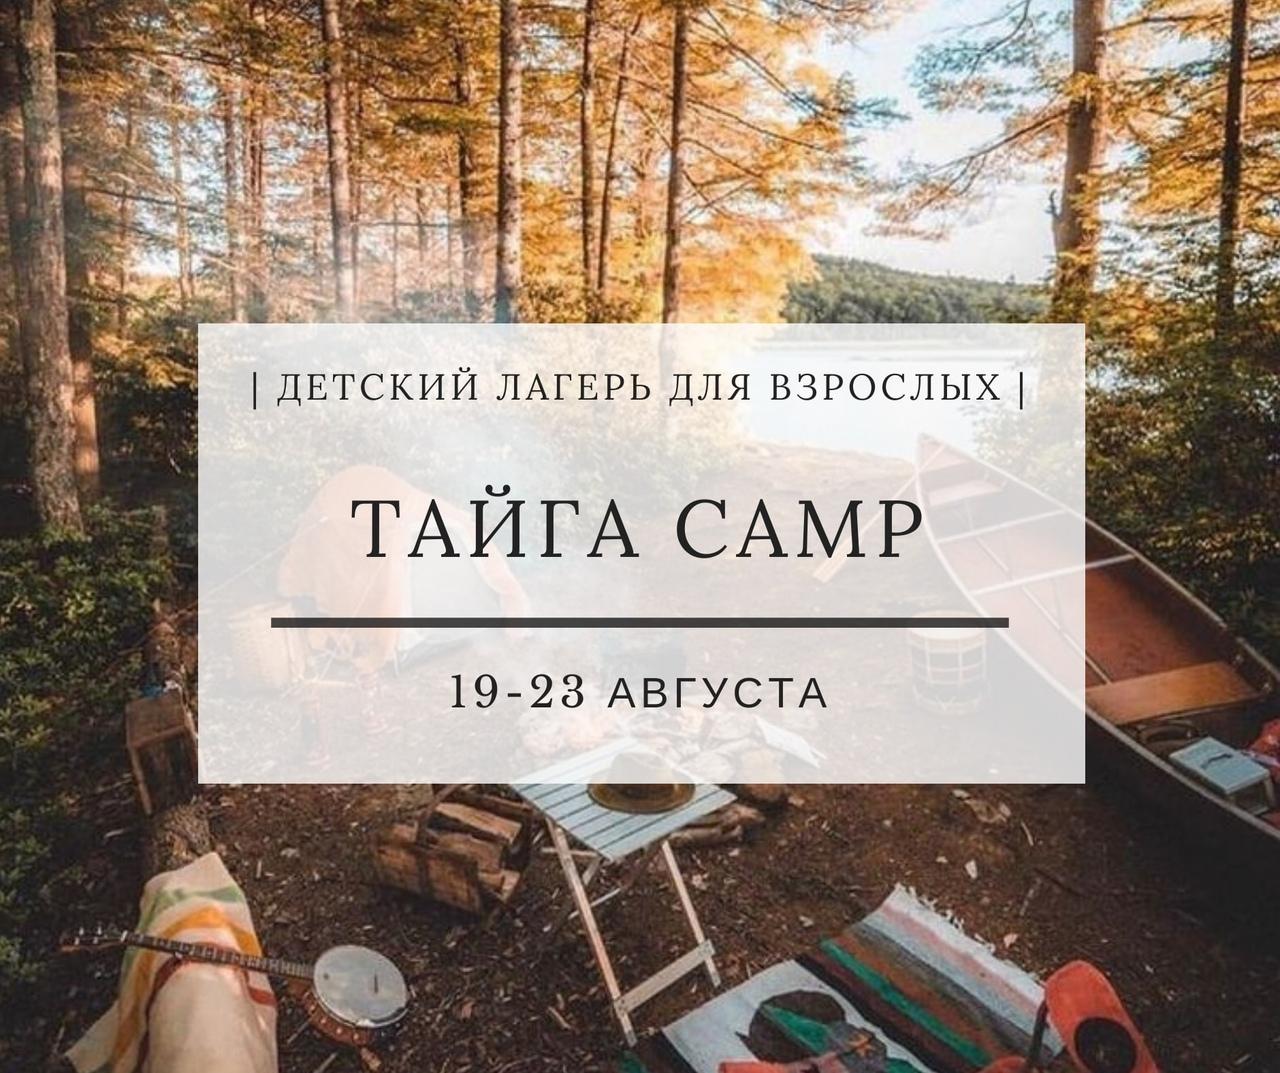 Афиша Тюмень Тайга camp / 19-23 августа / Первая смена